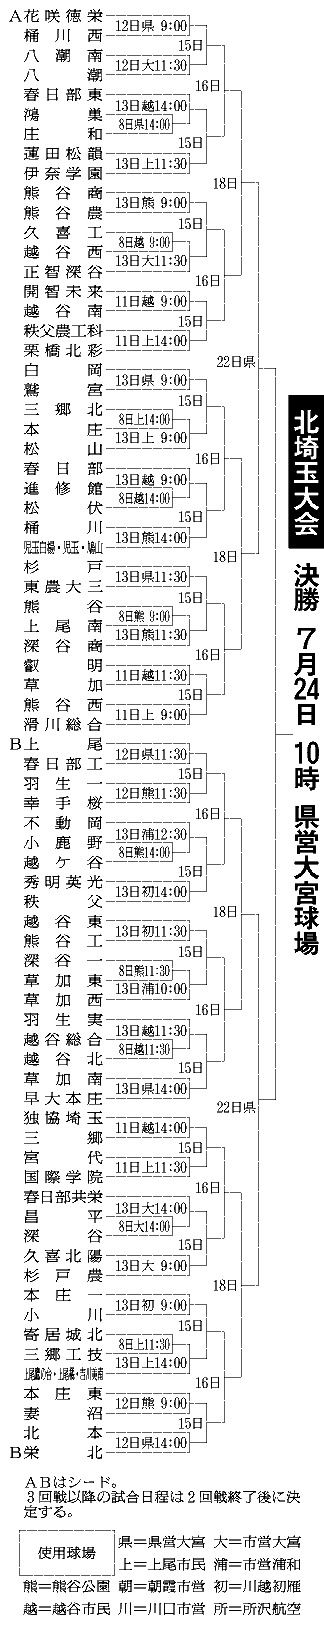 夏の高校野球2018年北埼玉大会組み合わせ